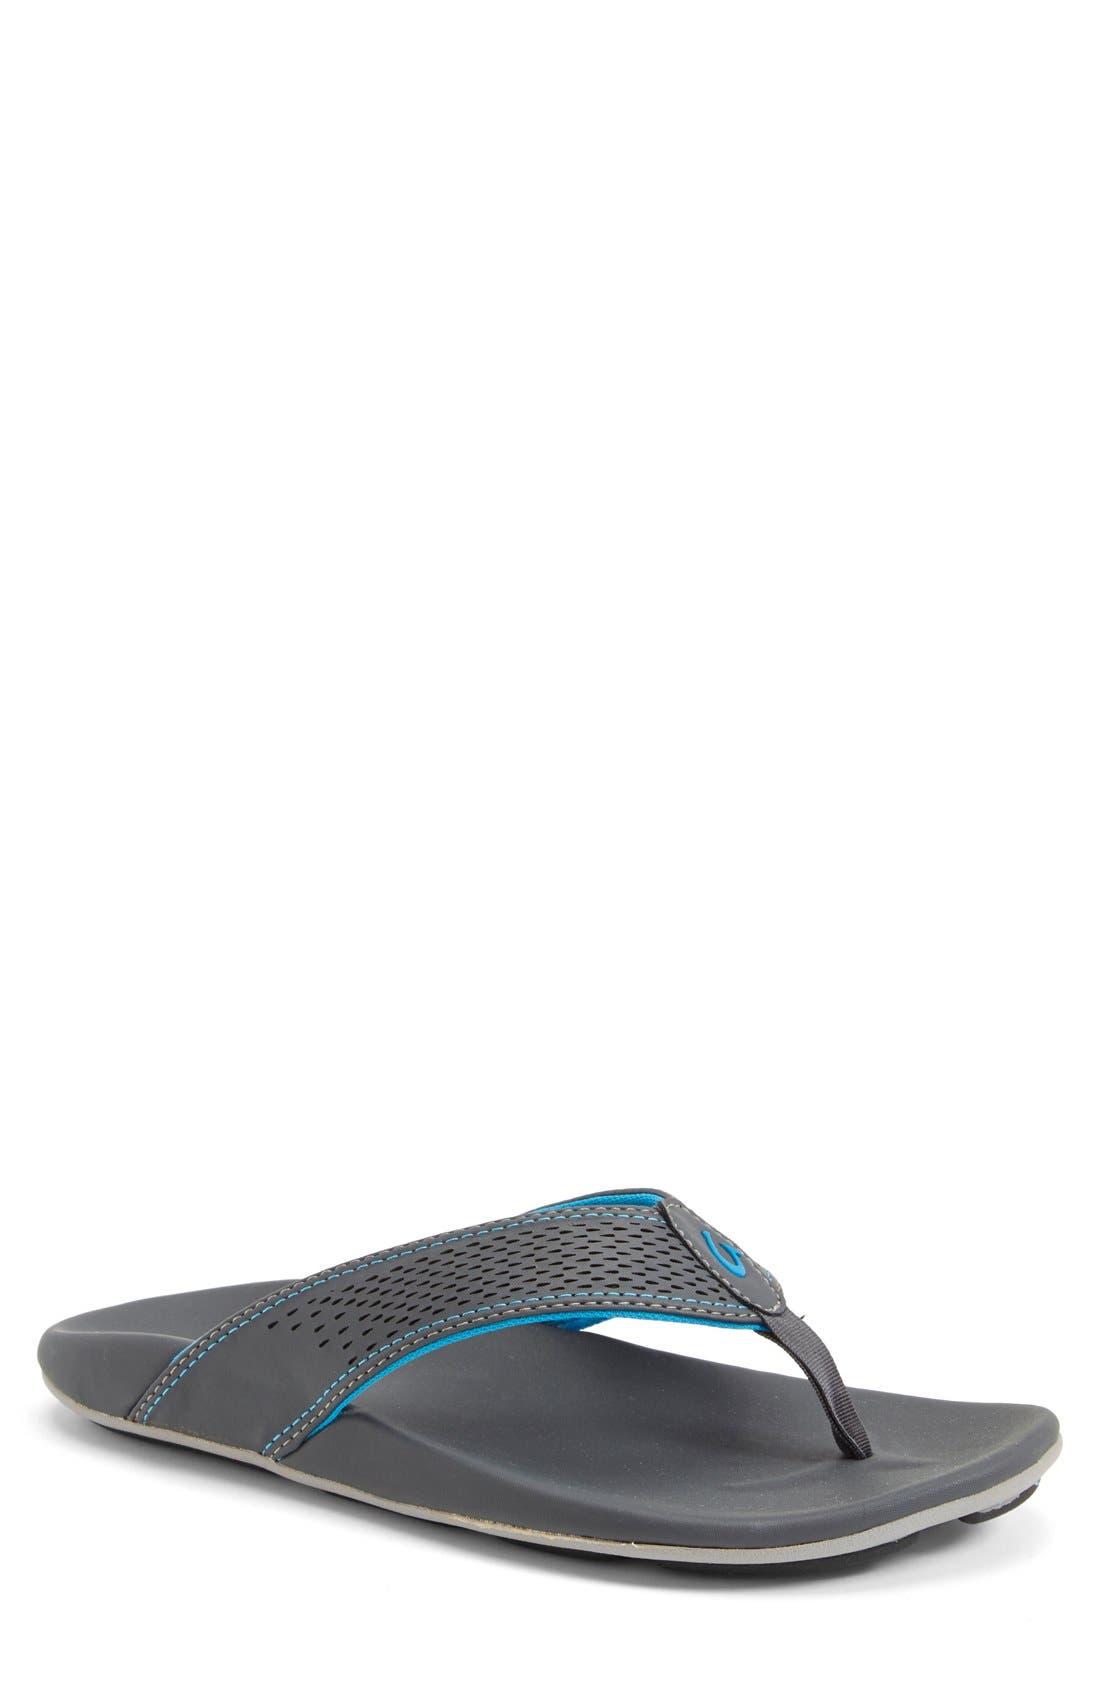 OLUKAI,                             'Kekoa' Water Resistant Perforated Flip Flop,                             Main thumbnail 1, color,                             029